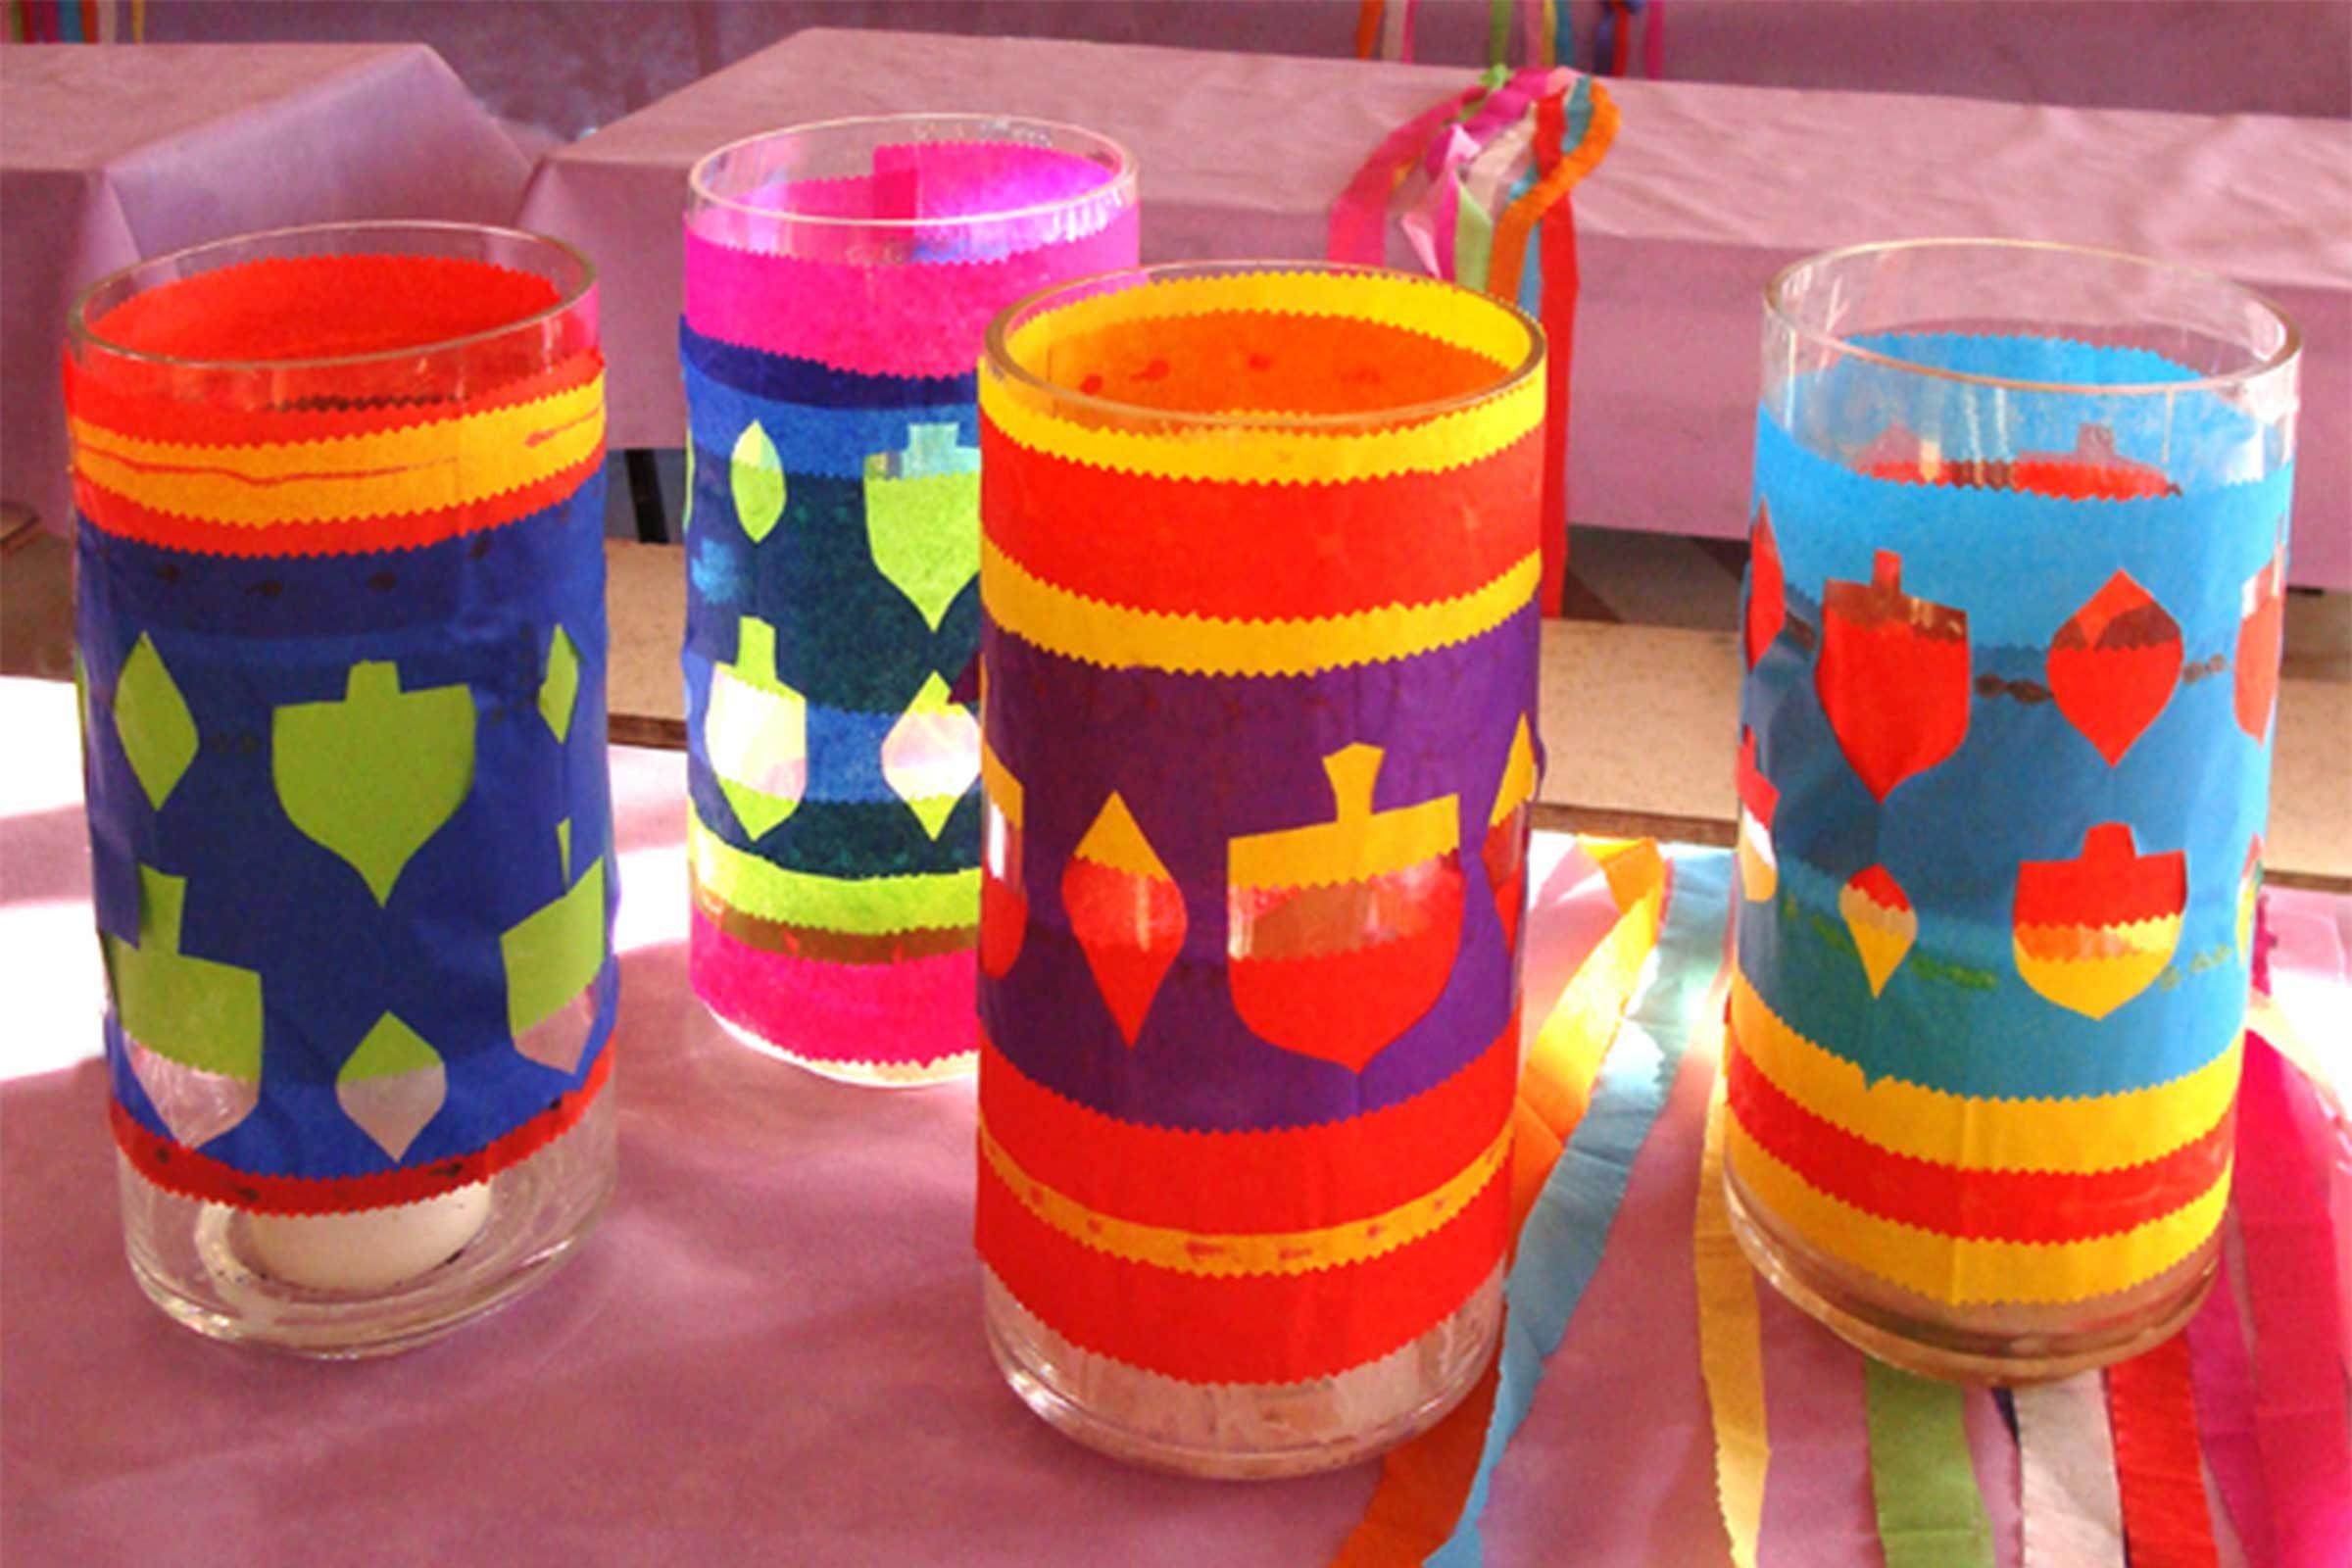 Easy hanukkah crafts for kids reader 39 s digest for Hanukkah crafts for adults